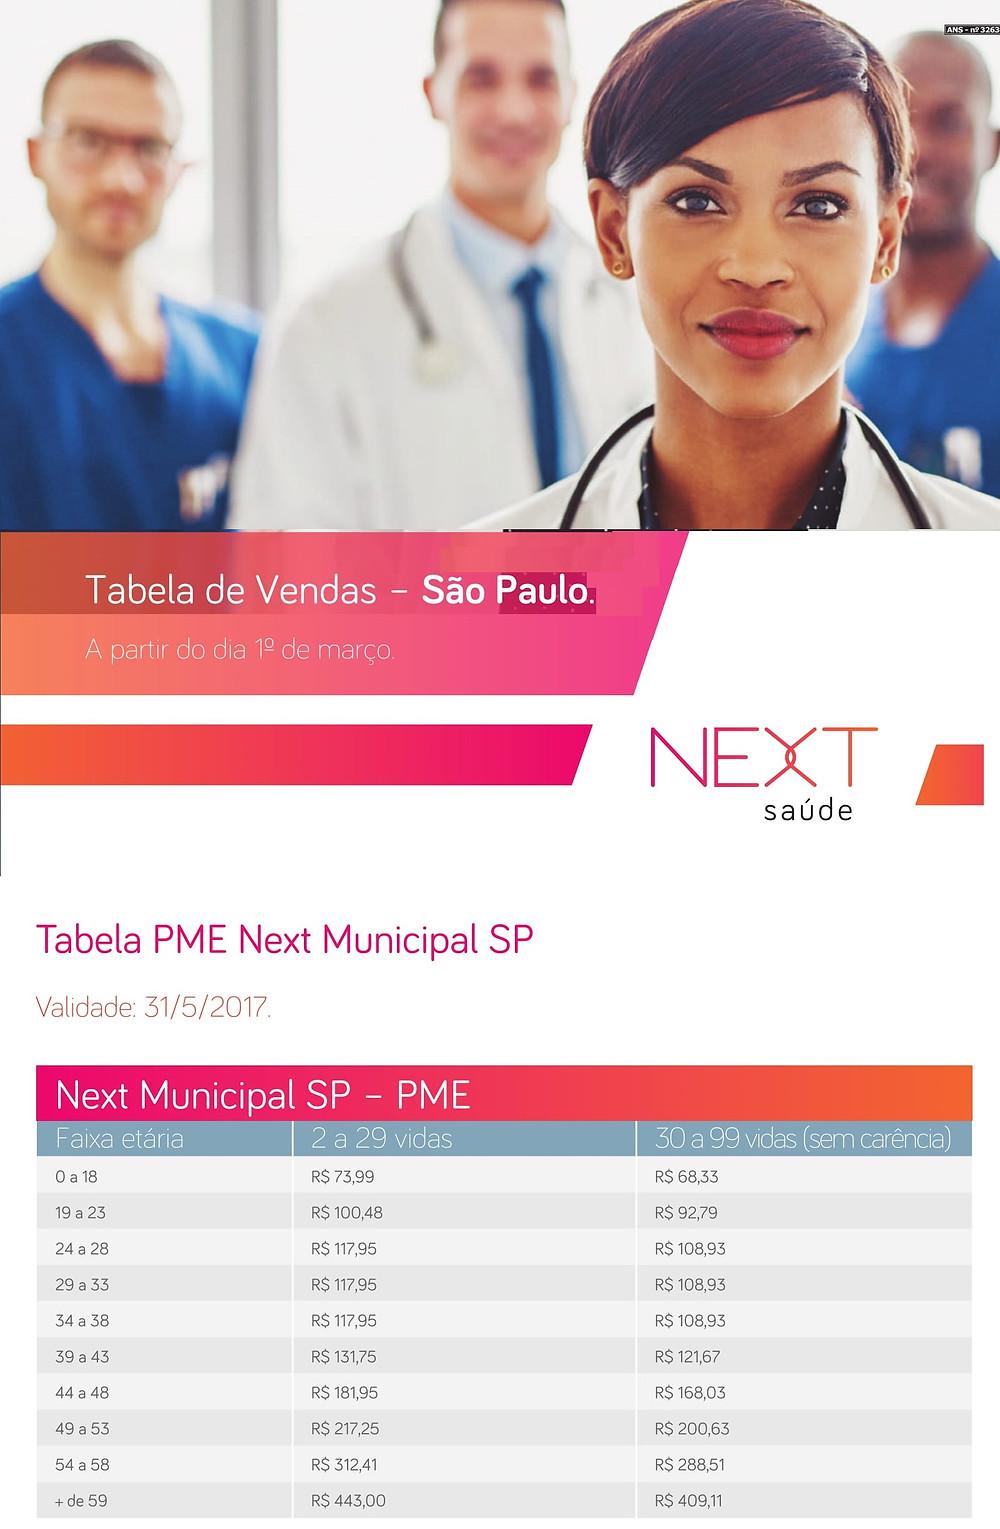 Tabela de Preços Next, Next Saúde, Plano de Saúde, Plano de Saúde PME, Convênio Médico, Uninseg, Corretora de Seguros